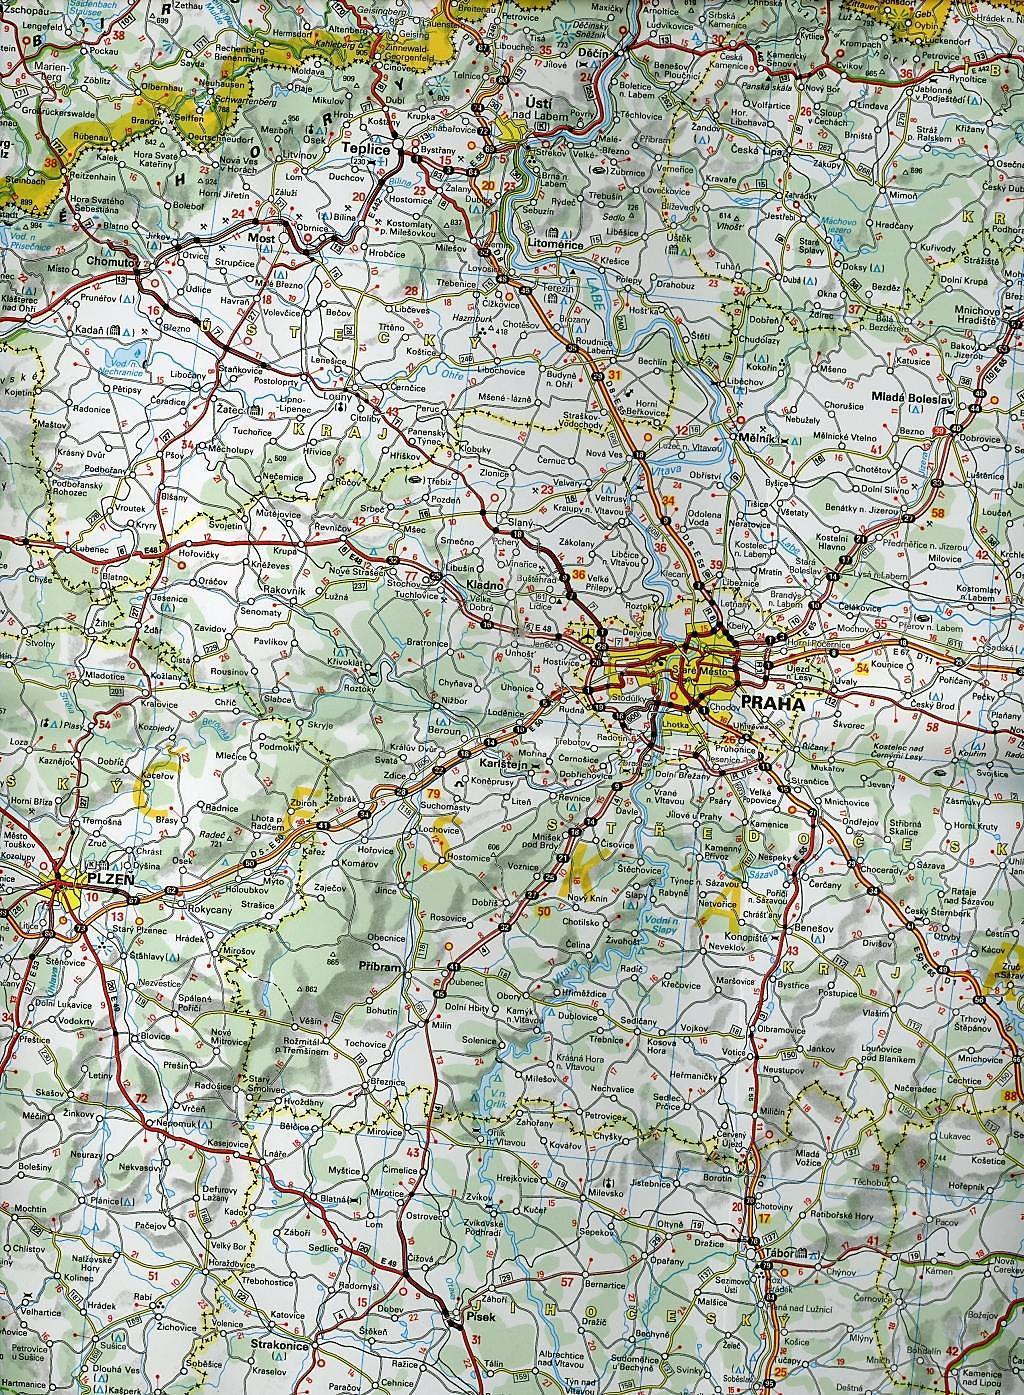 Karte Tschechien.Michelin Karte Tschechien Slowakei Republique Tchèque Republique